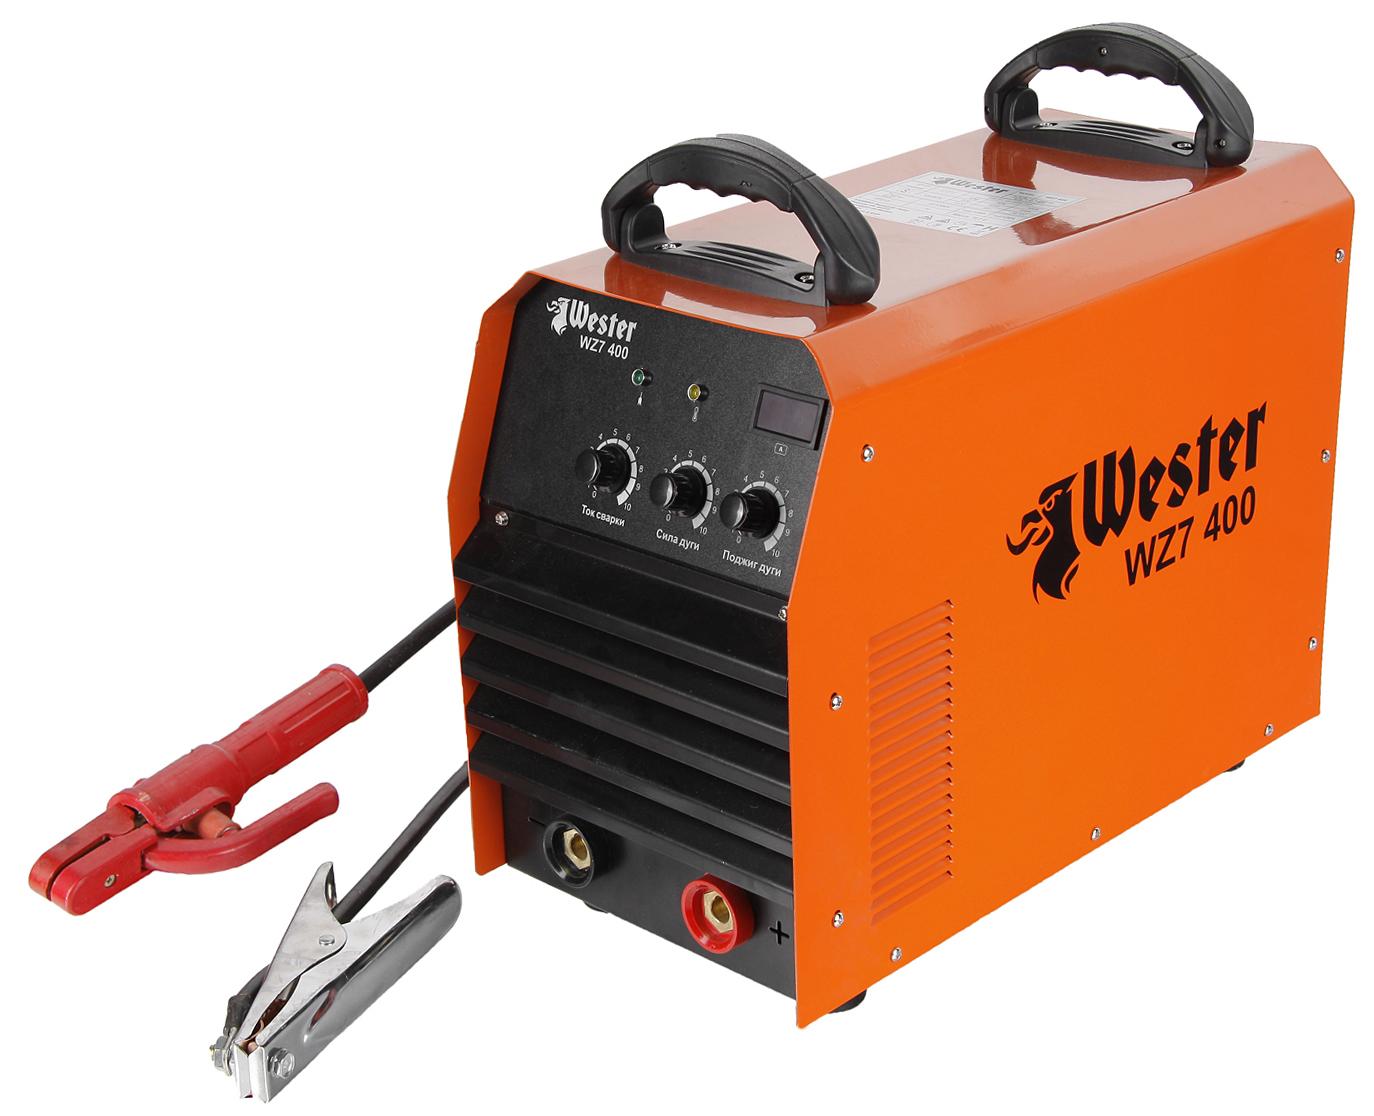 Сварочный инвертор Wester Wz7 400 профессиональный набор wester инвертор сварочный compact 160 маска сварочная wh5 990 023 хамелеон